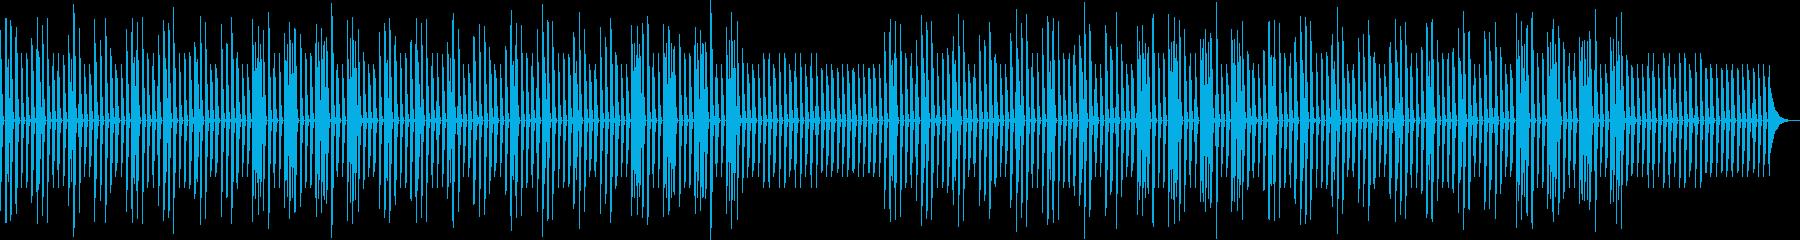 ピアノソロ・日常・会話・ほのぼのの再生済みの波形